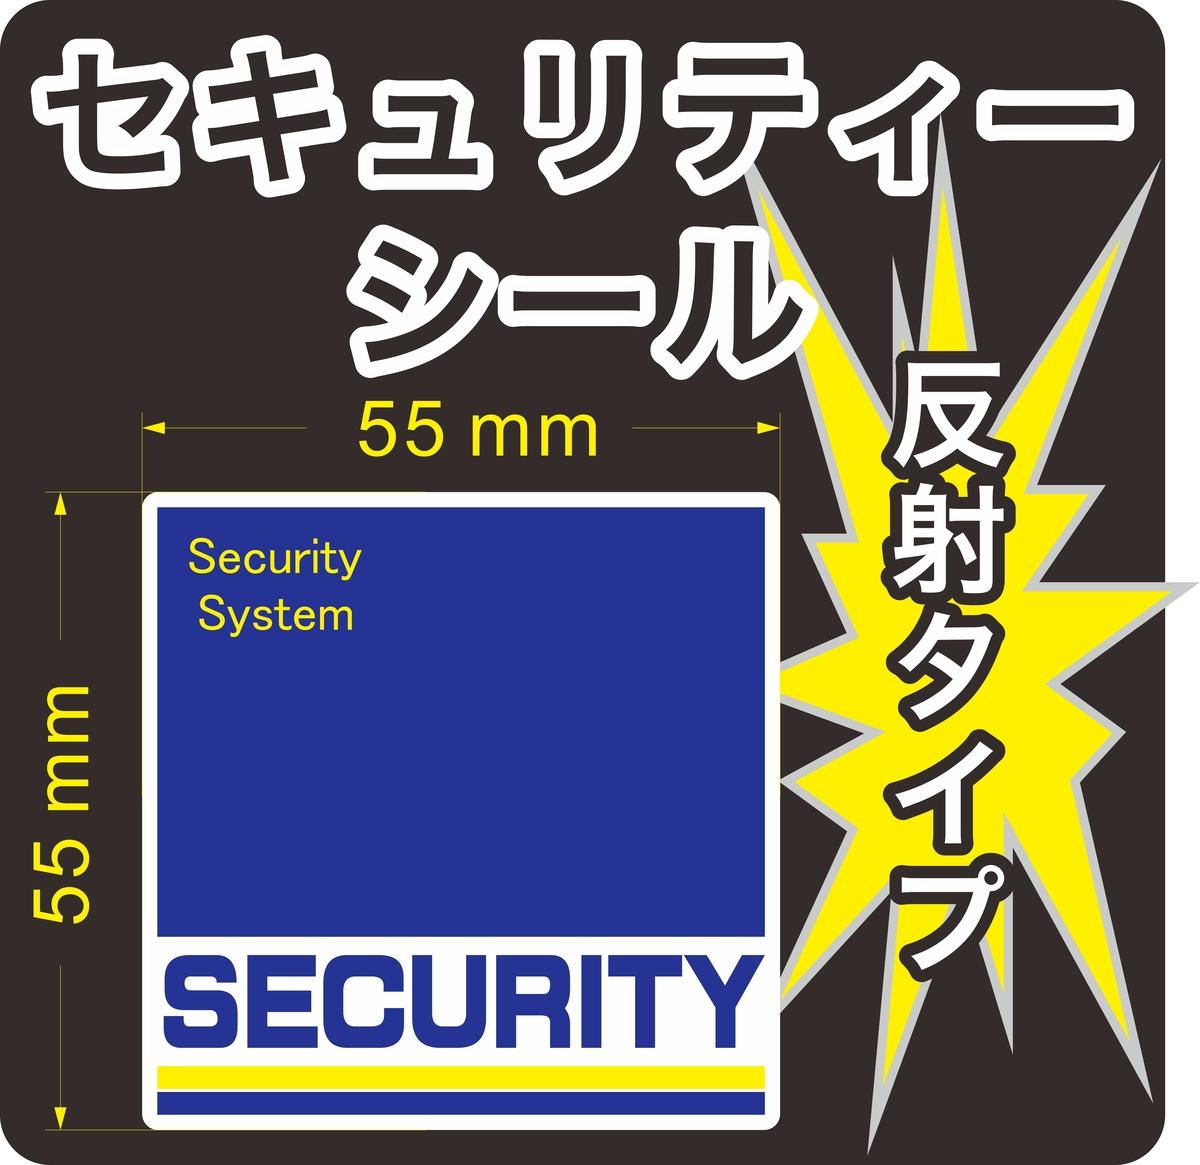 セキュリティー 防犯 今だけスーパーセール限定 カメラ ステッカー シール [並行輸入品] 反射 日本製 当社製作 55mm×55mm 屋外使用可能 1枚 正方形